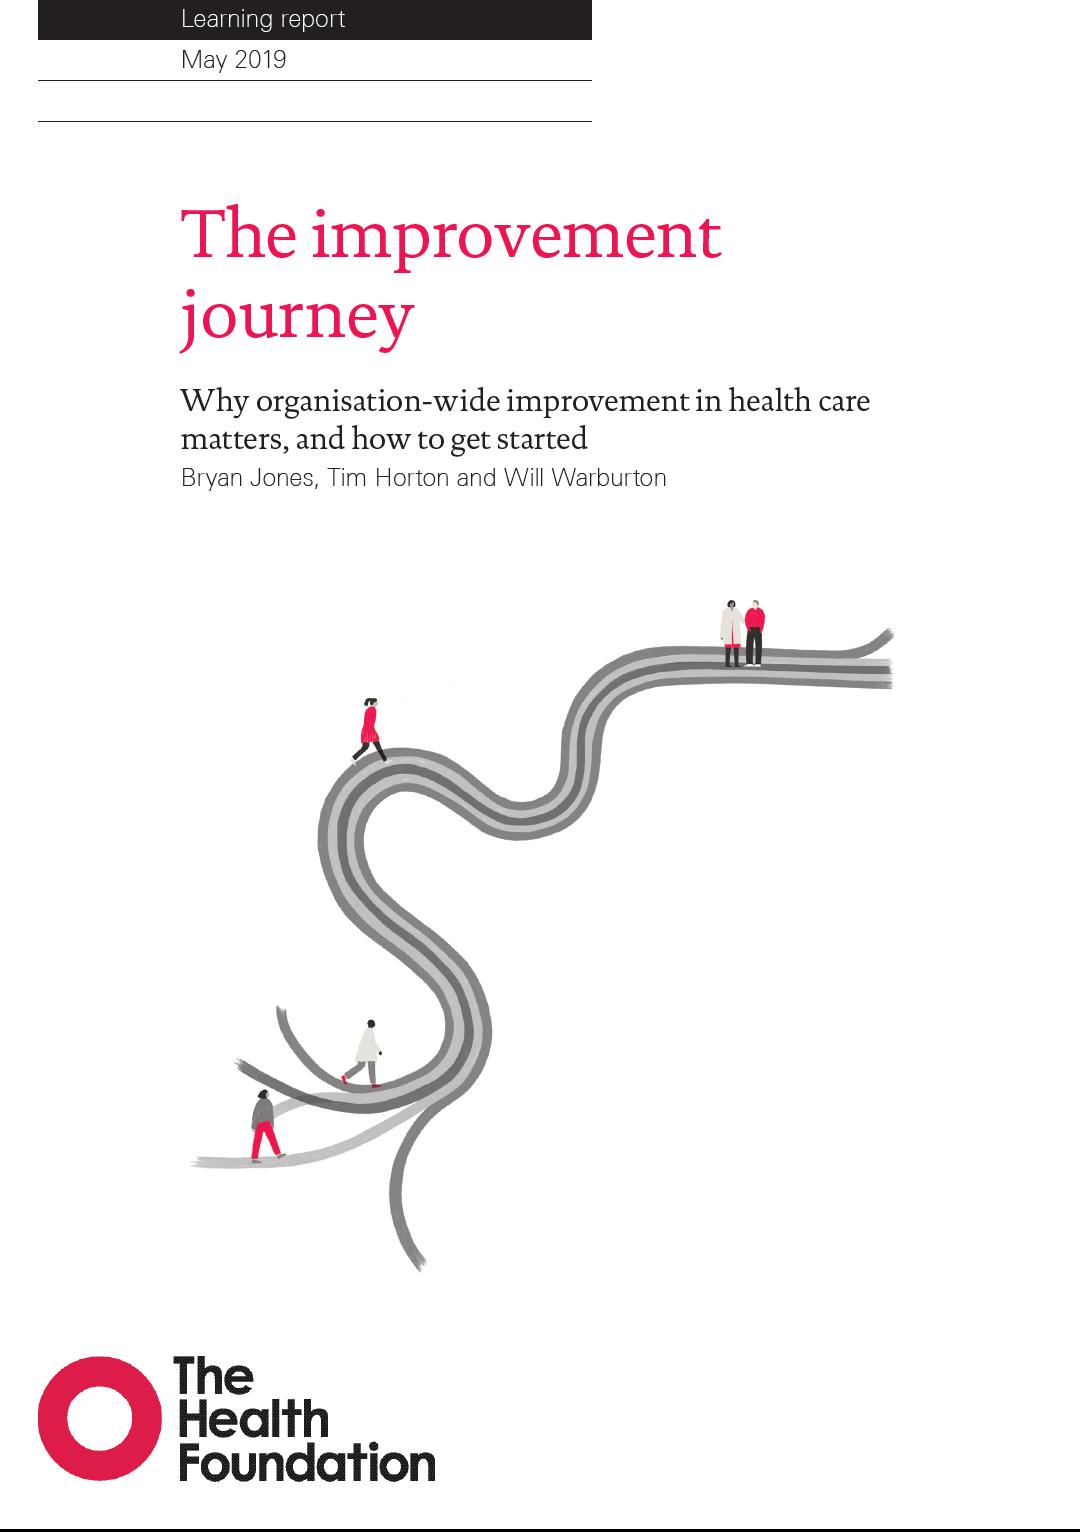 The Improvement Journey Publication